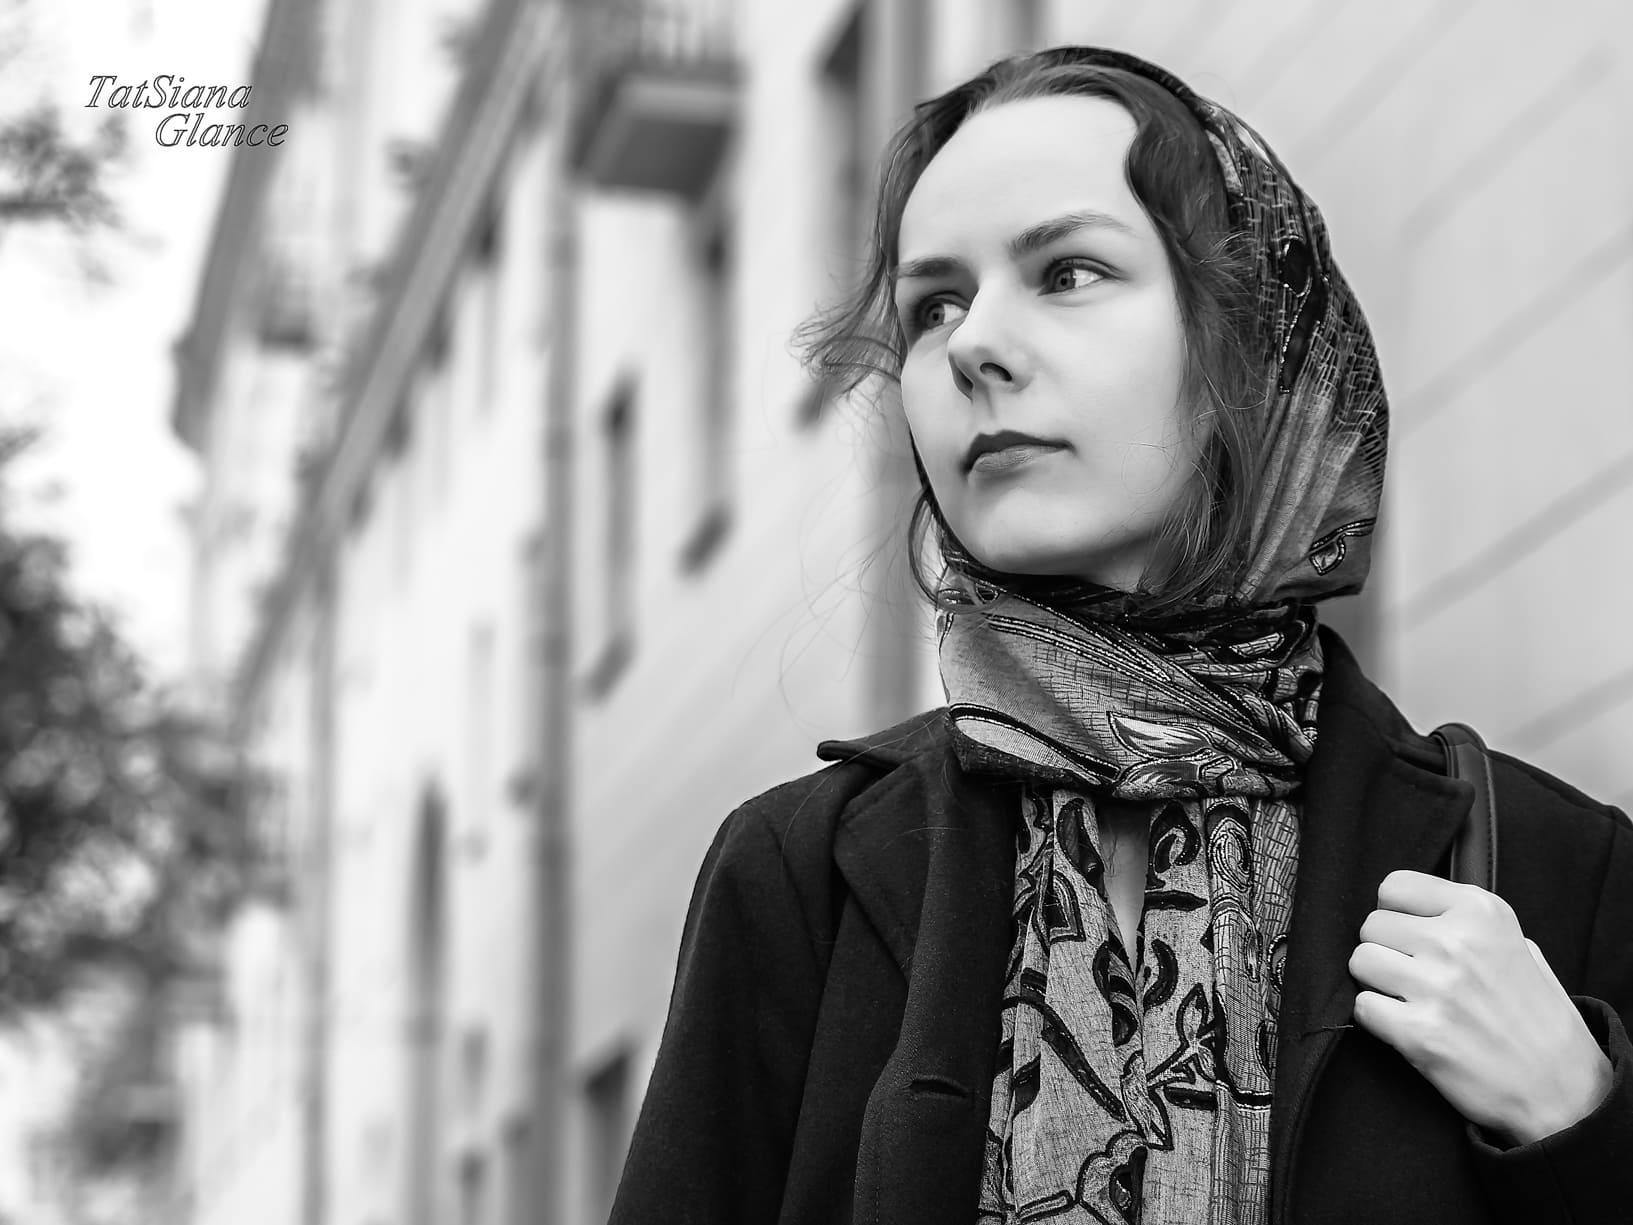 #фотосессия, #фотограф, #фотосессия_в_городе, #фотограф_минск, #фотостудия, #студийная_фотосъёмка, #портрет, женский_портрет, #чёрнобелое_фото